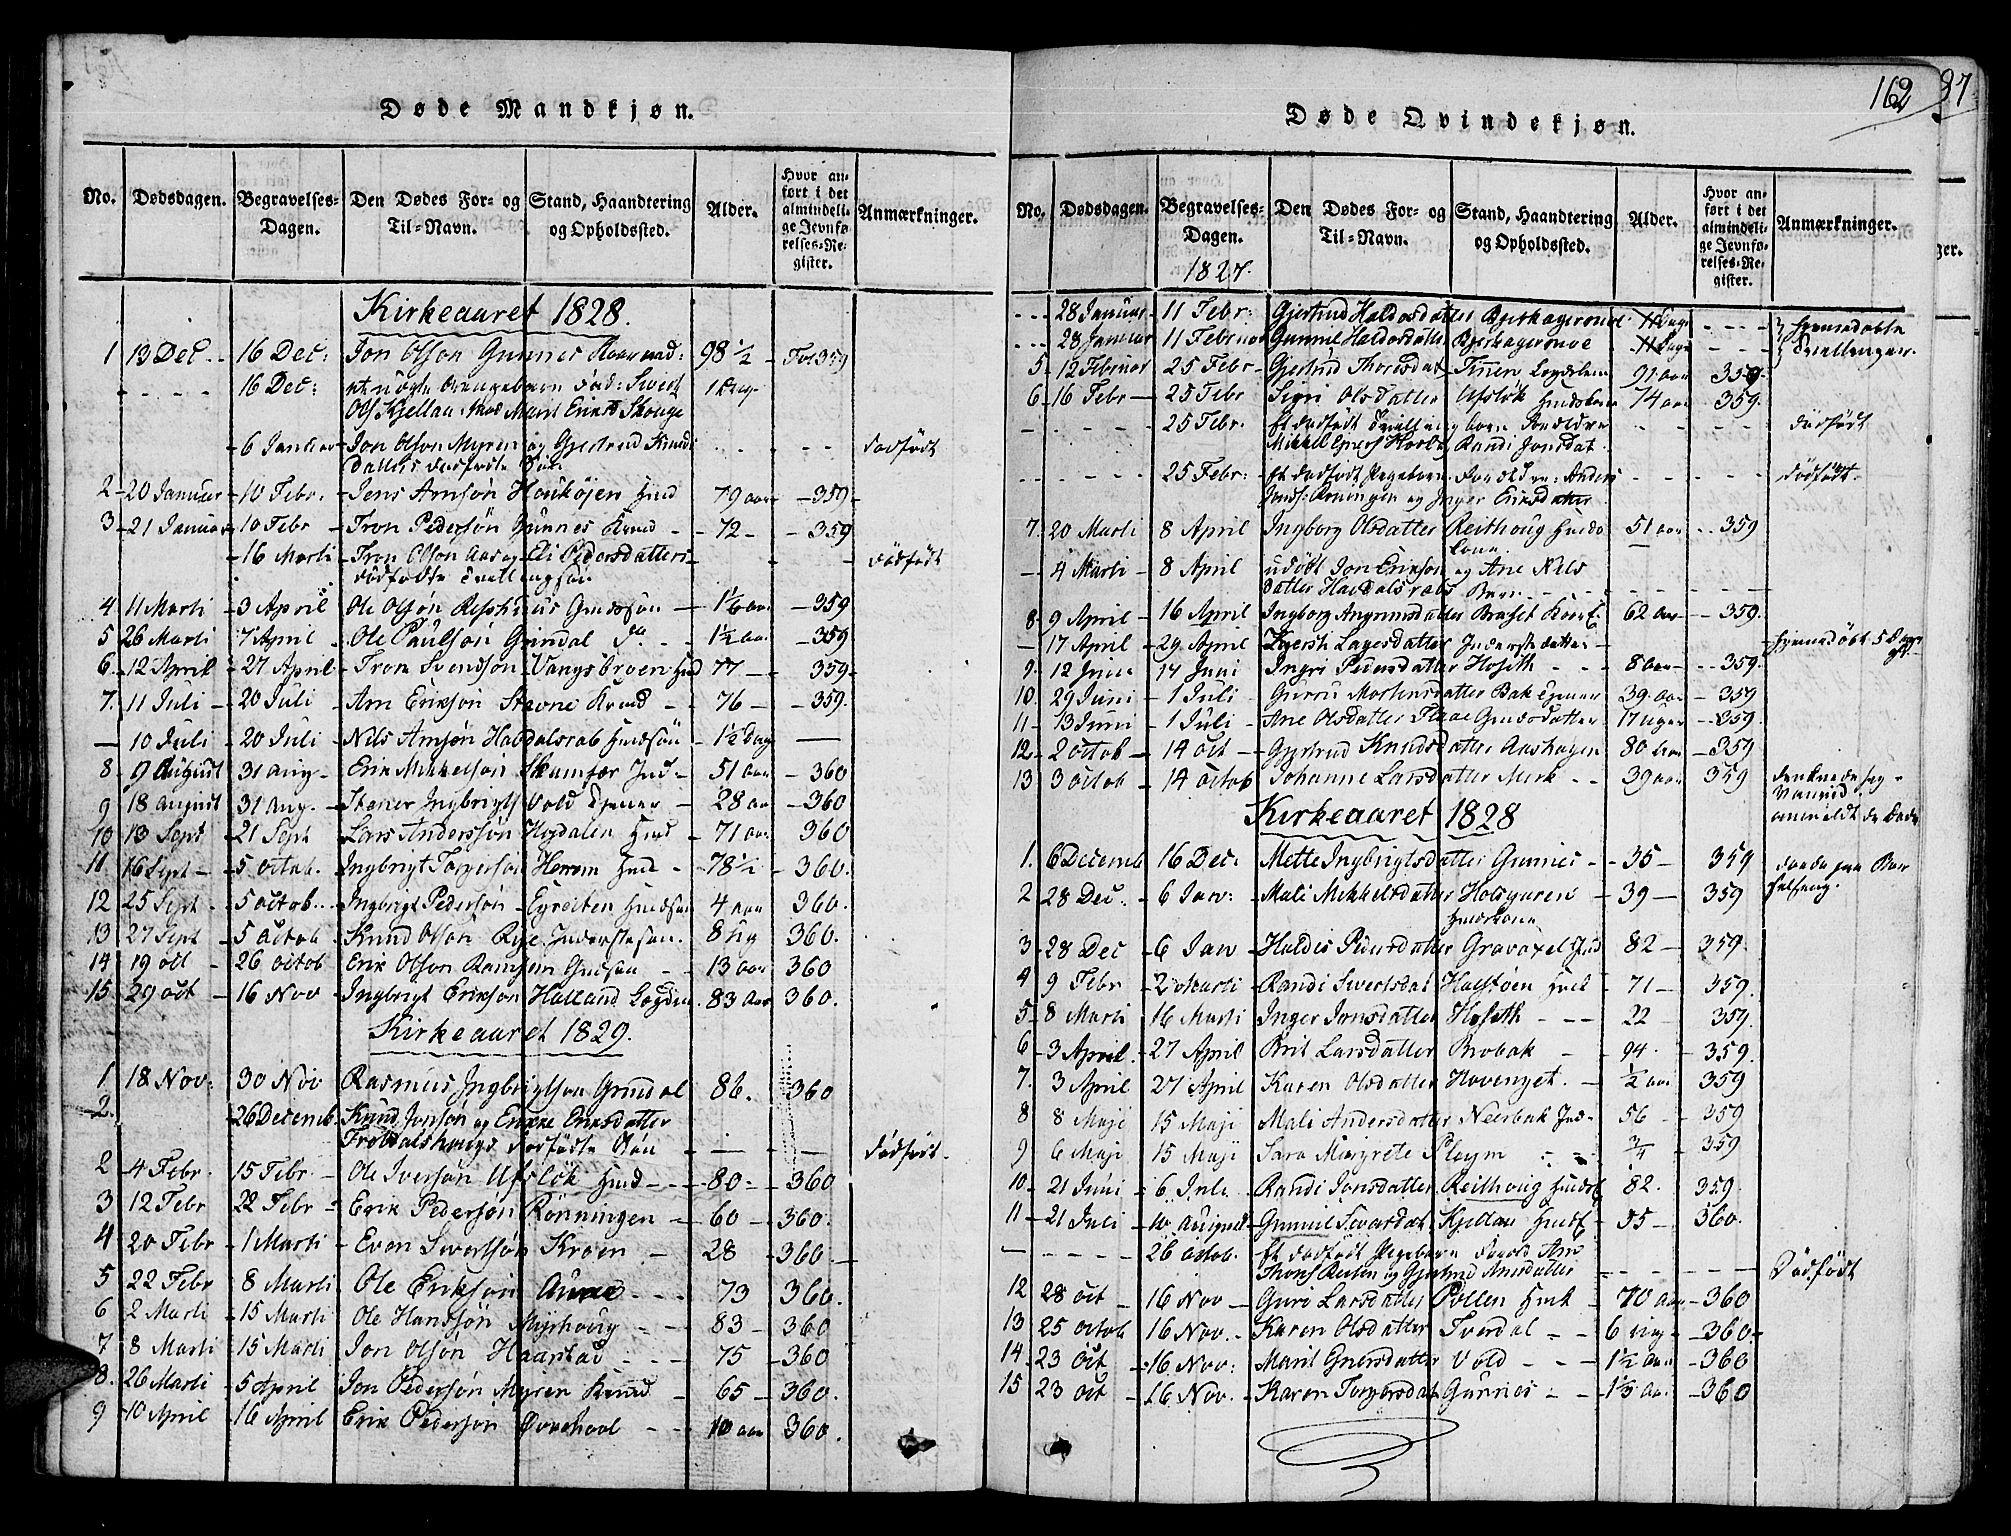 SAT, Ministerialprotokoller, klokkerbøker og fødselsregistre - Sør-Trøndelag, 672/L0854: Ministerialbok nr. 672A06 /2, 1816-1829, s. 162